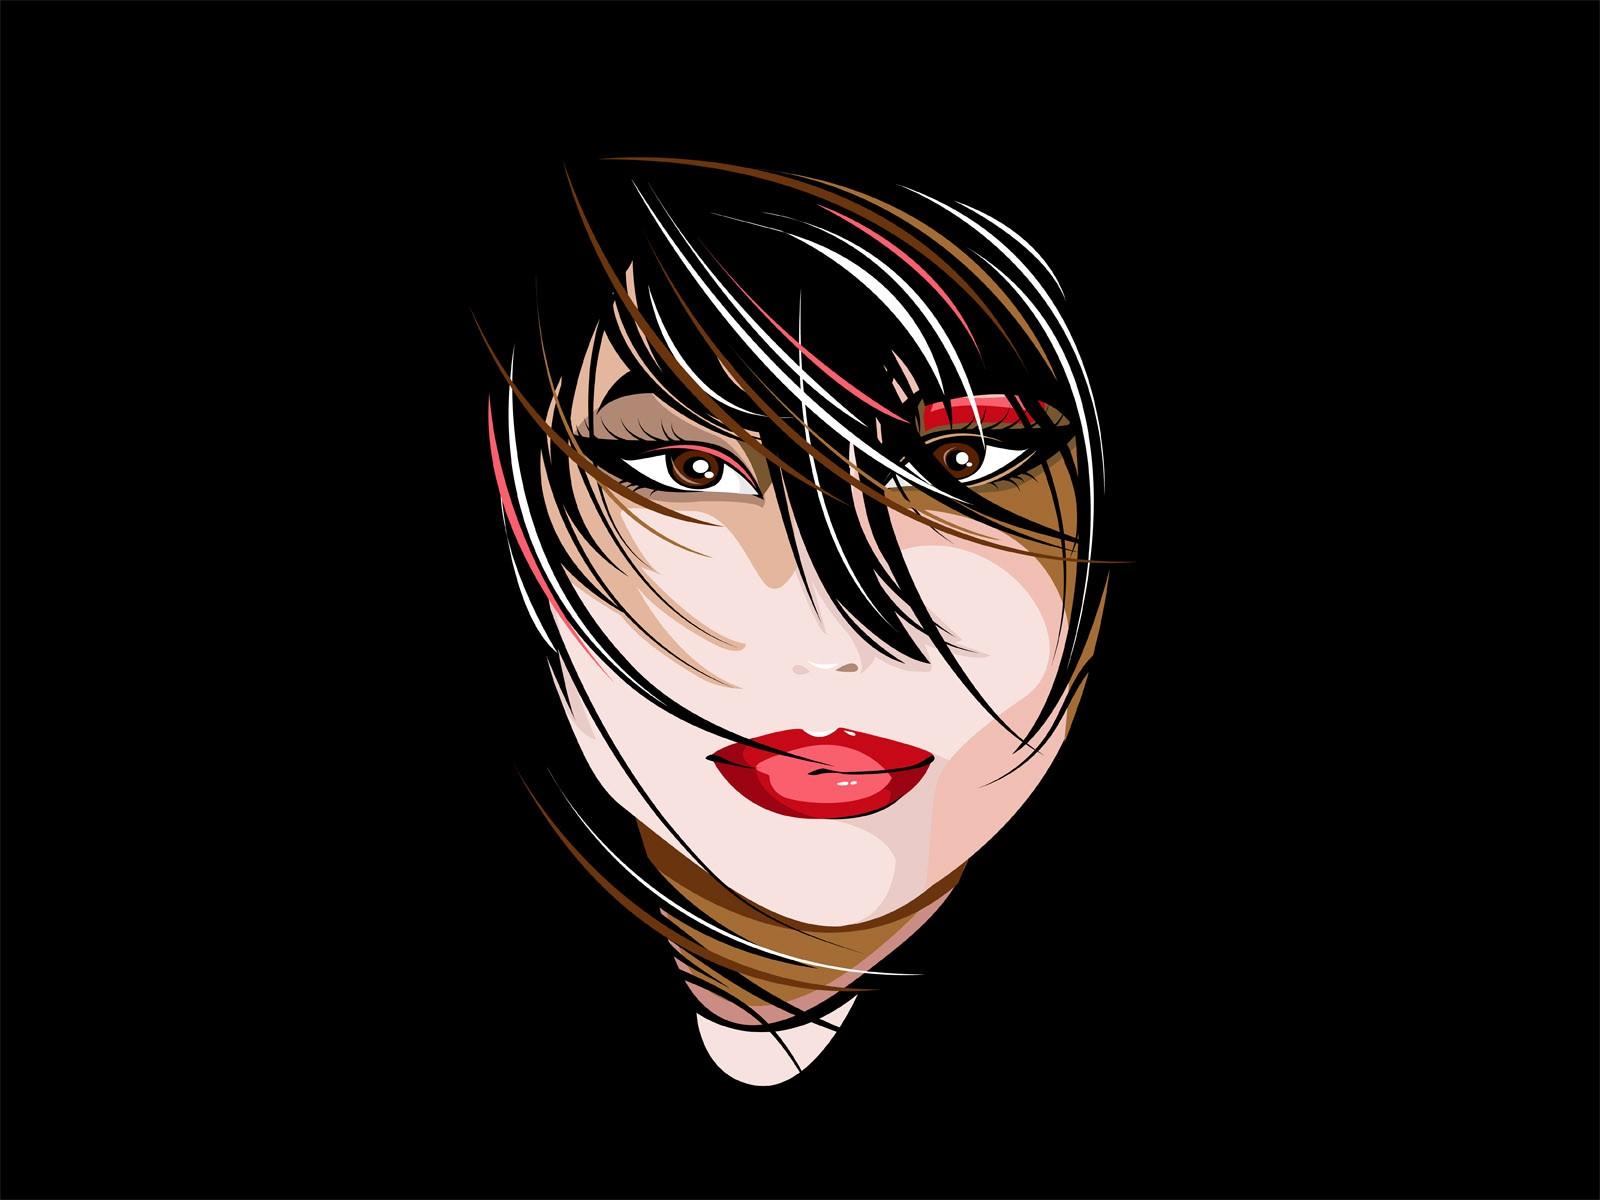 Wallpaper Menghadapi Ilustrasi Wanita Anime Karya Seni Gambar